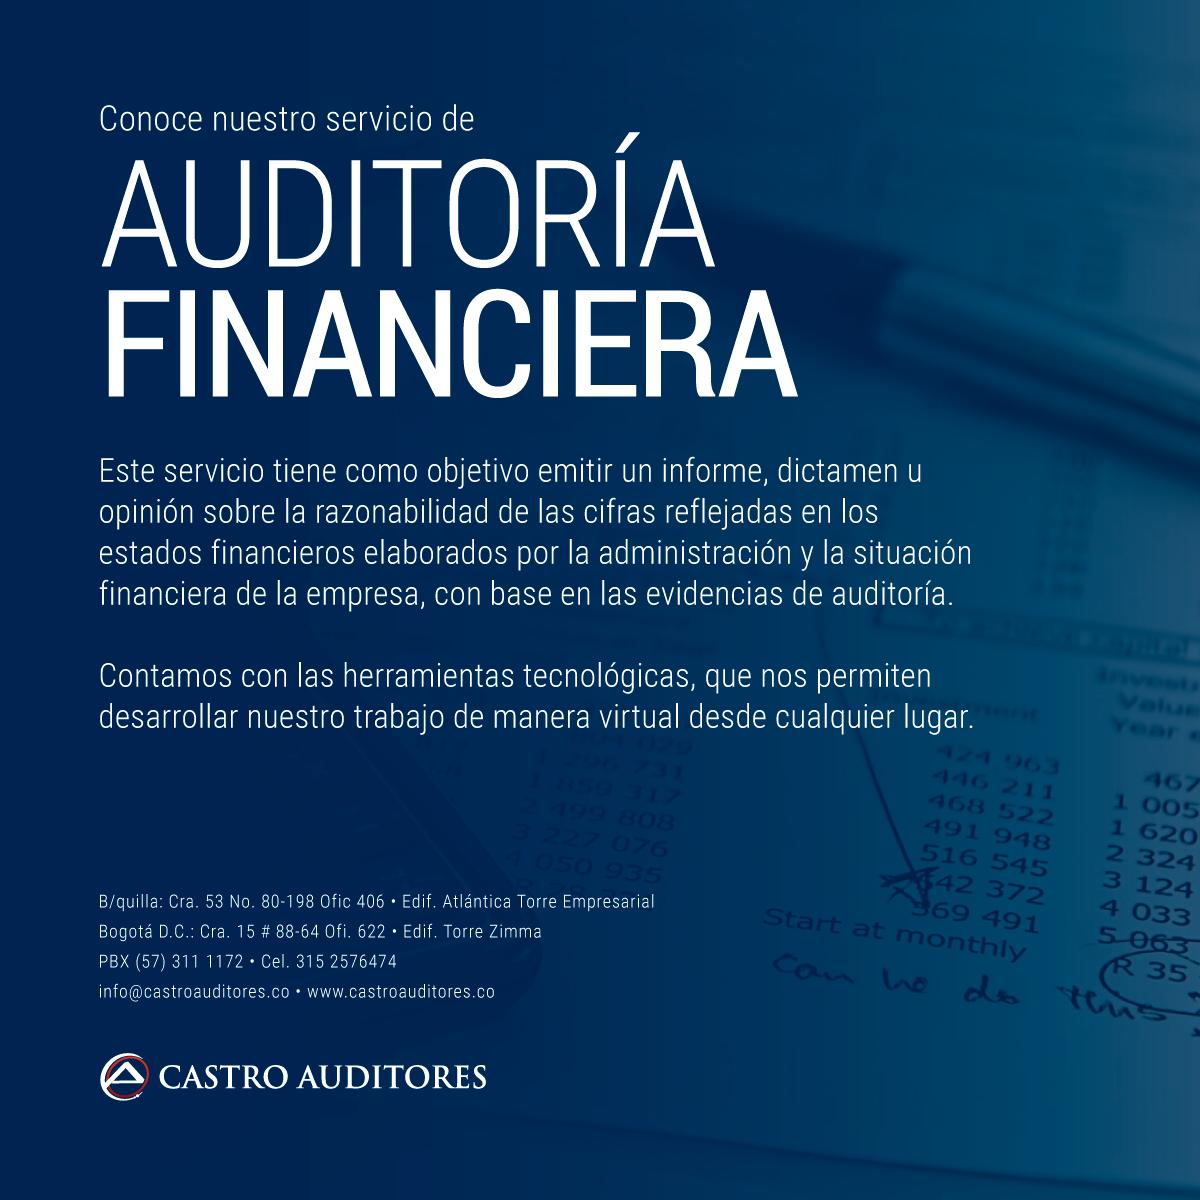 Castro Auditores